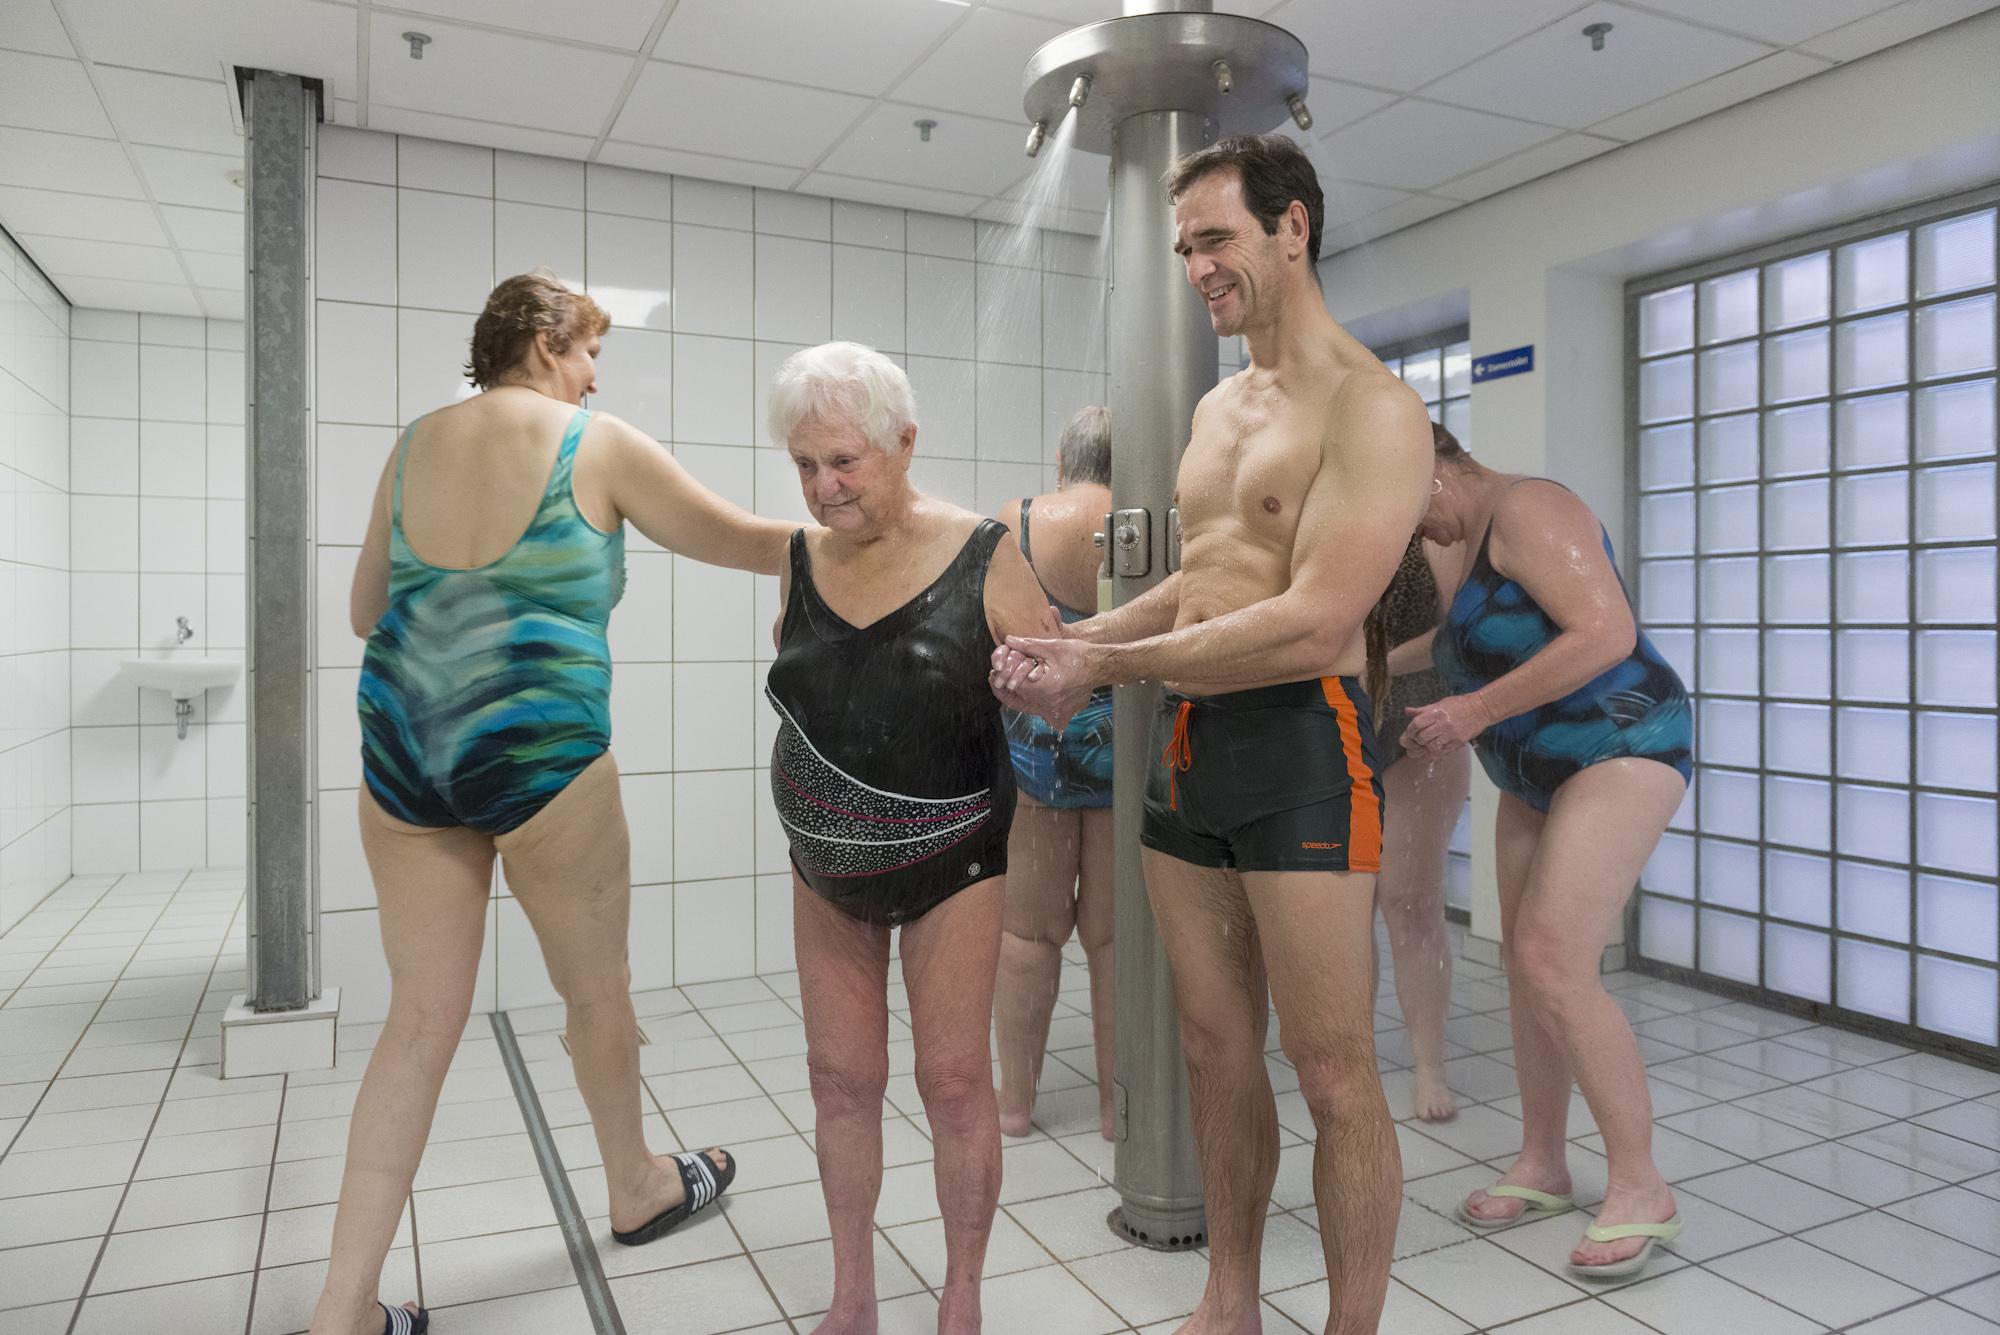 Maikel zwemt met tante, zwembad, douche, ouderen helpen